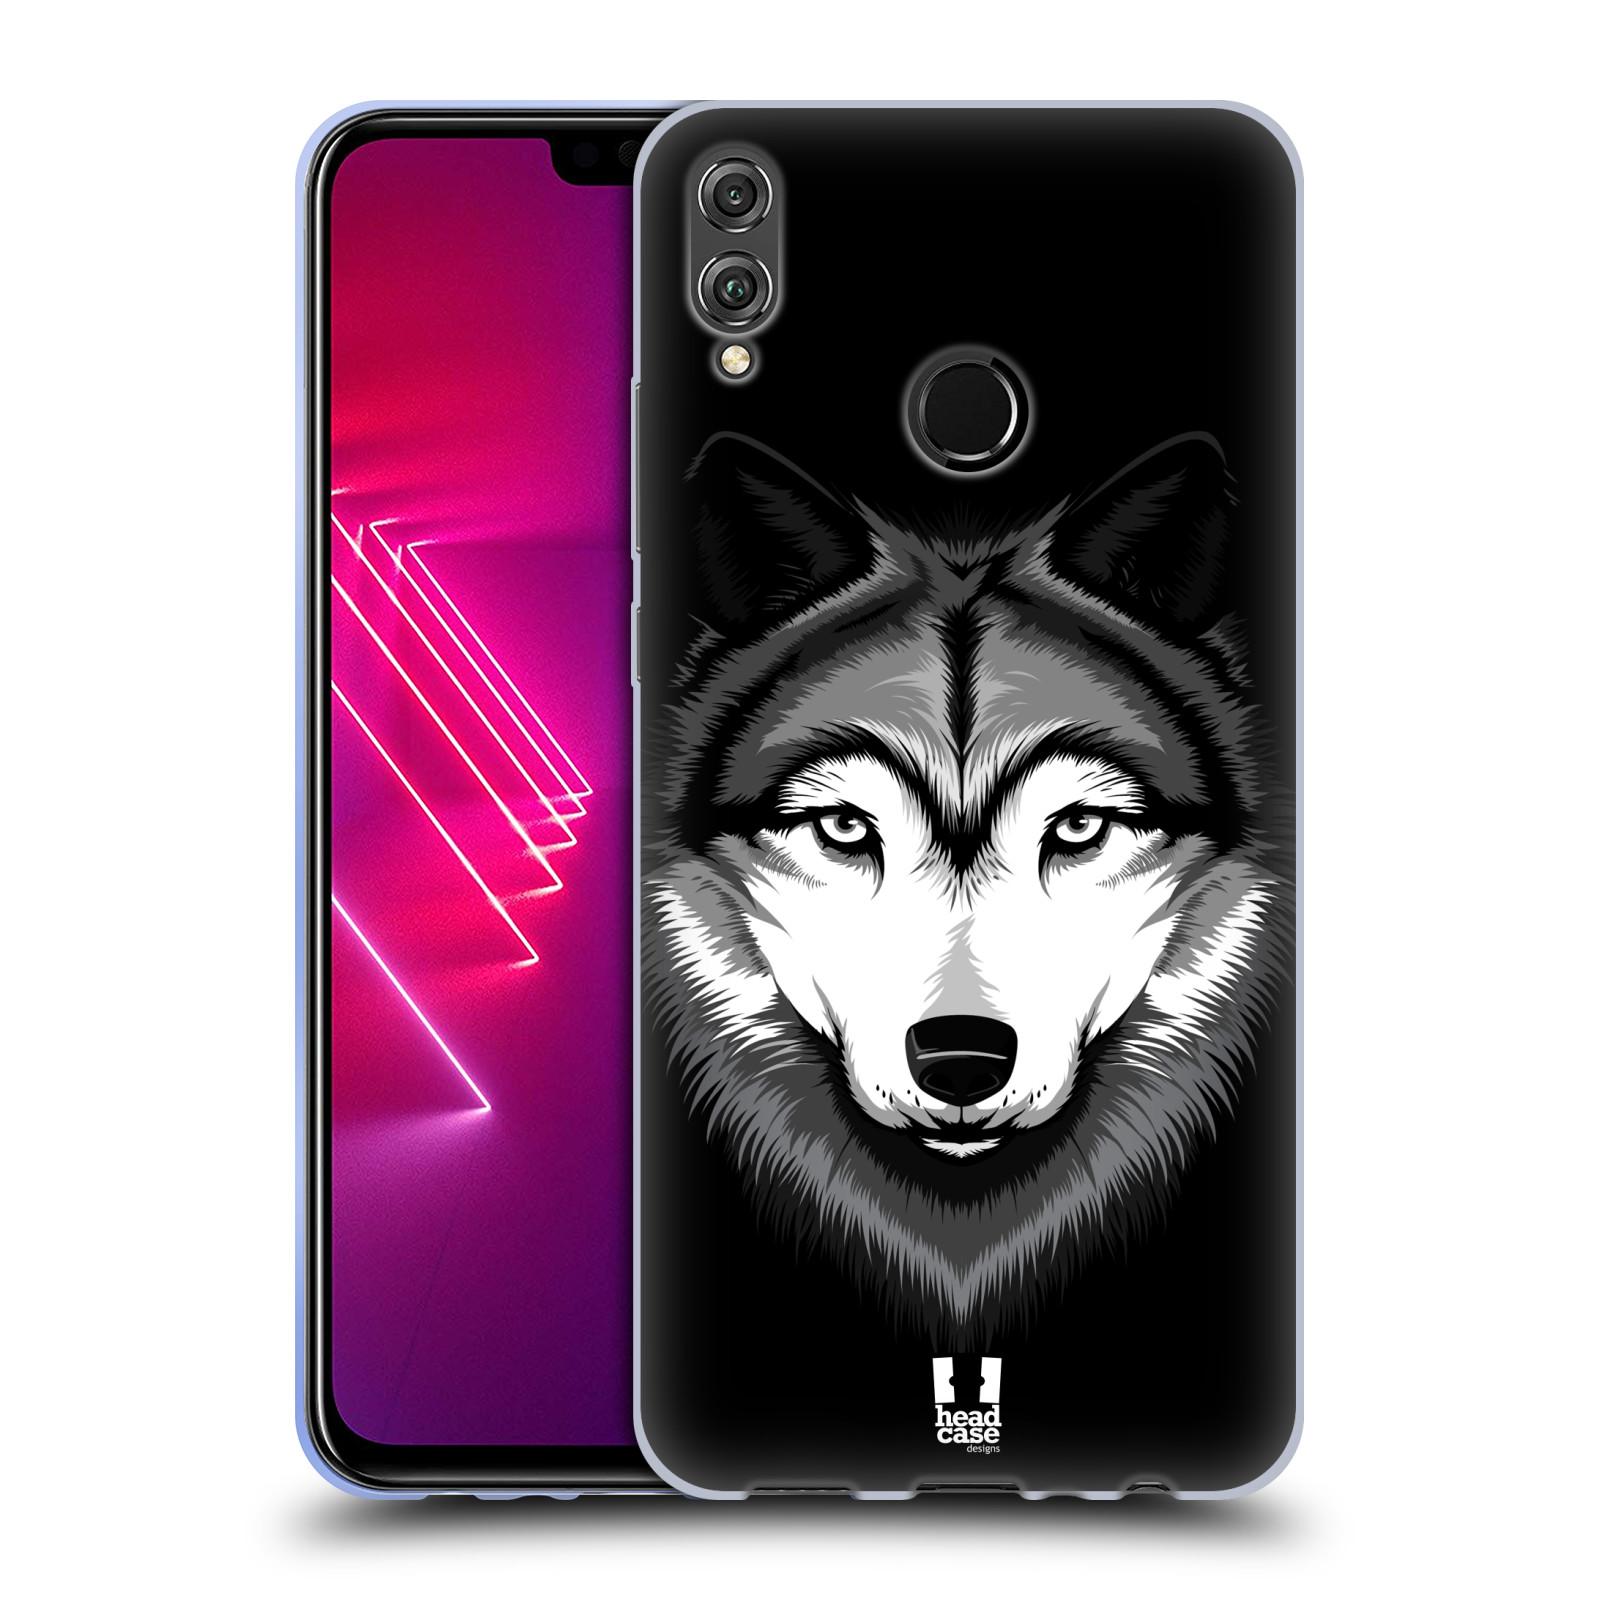 Silikonové pouzdro na mobil Honor View 10 Lite - Head Case - ILUSTROVANÝ VLK